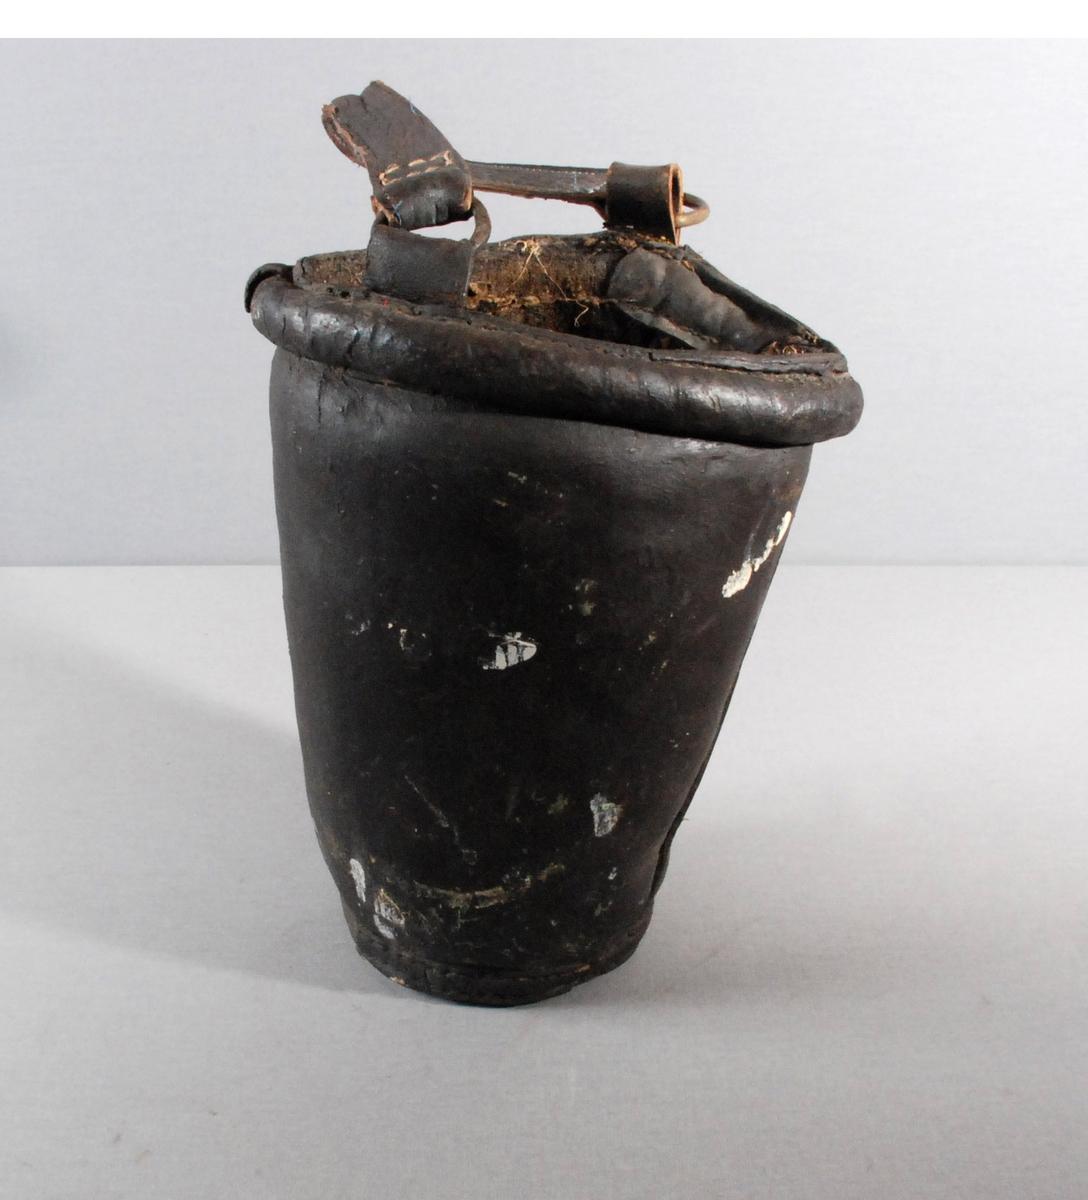 Brannbøtte i lær med lærhemper for hank. Hanken er av lær og forsynt med metallringer som er tredd inn på hempene.